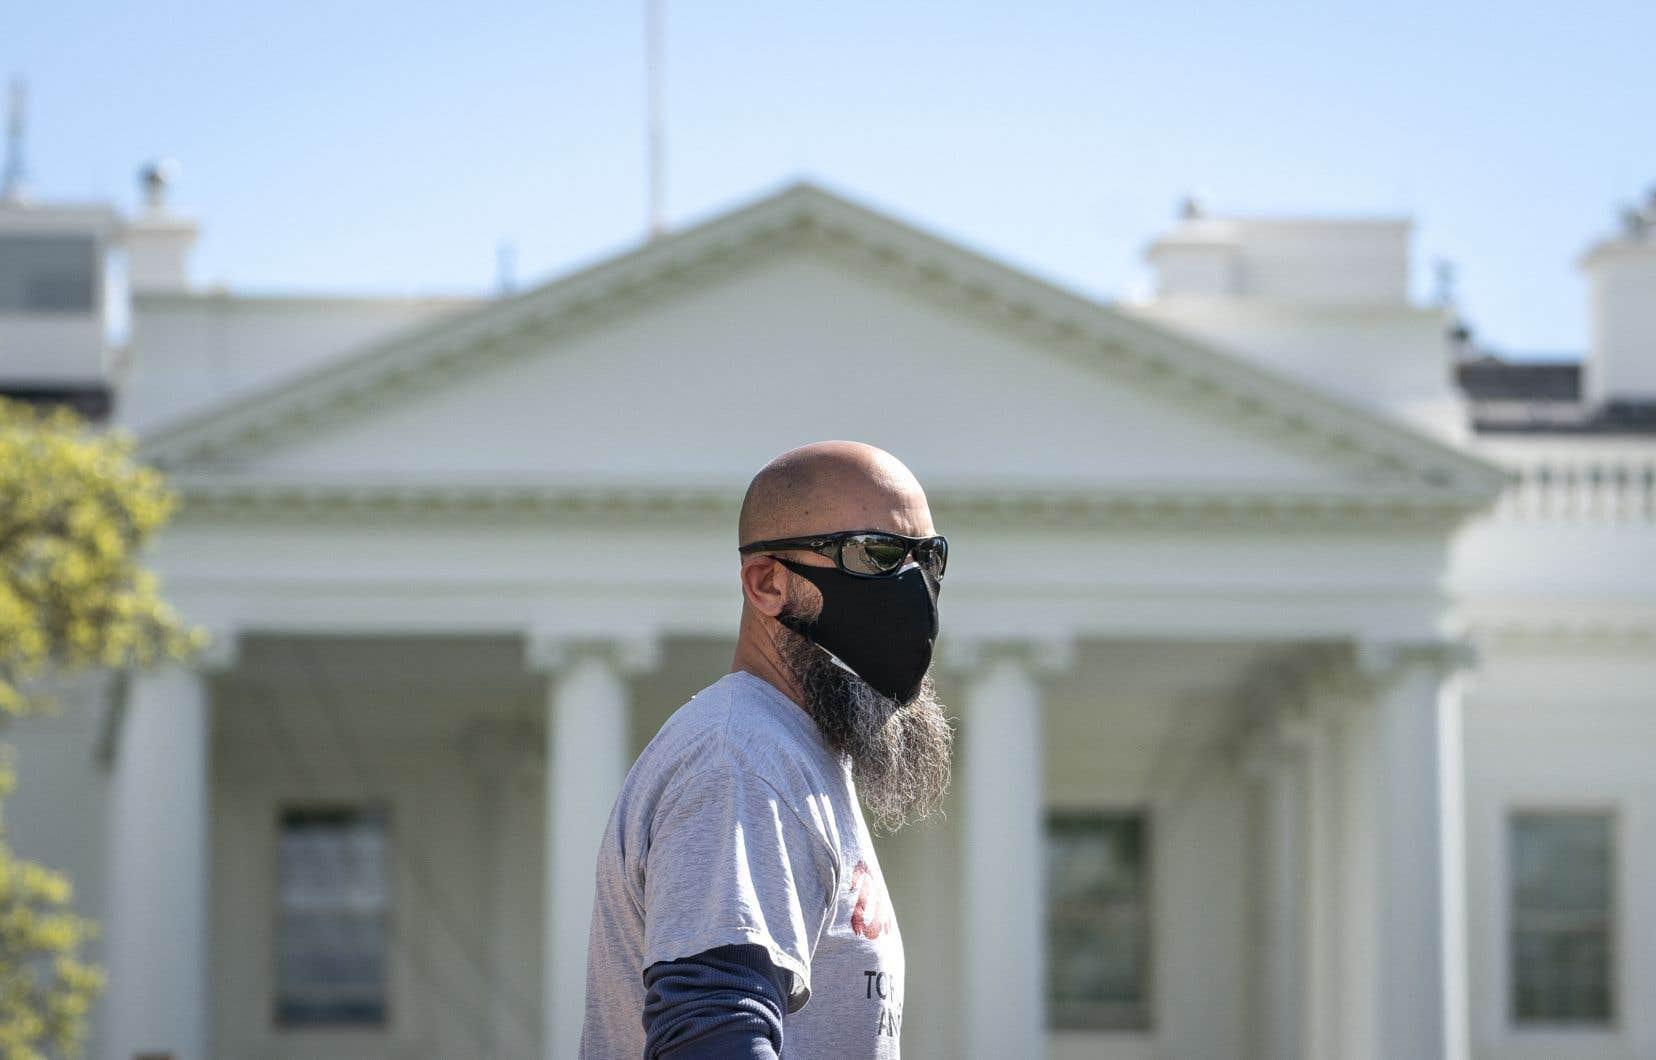 Les masques distribuésseront en tissu, lavables et de «haute qualité».